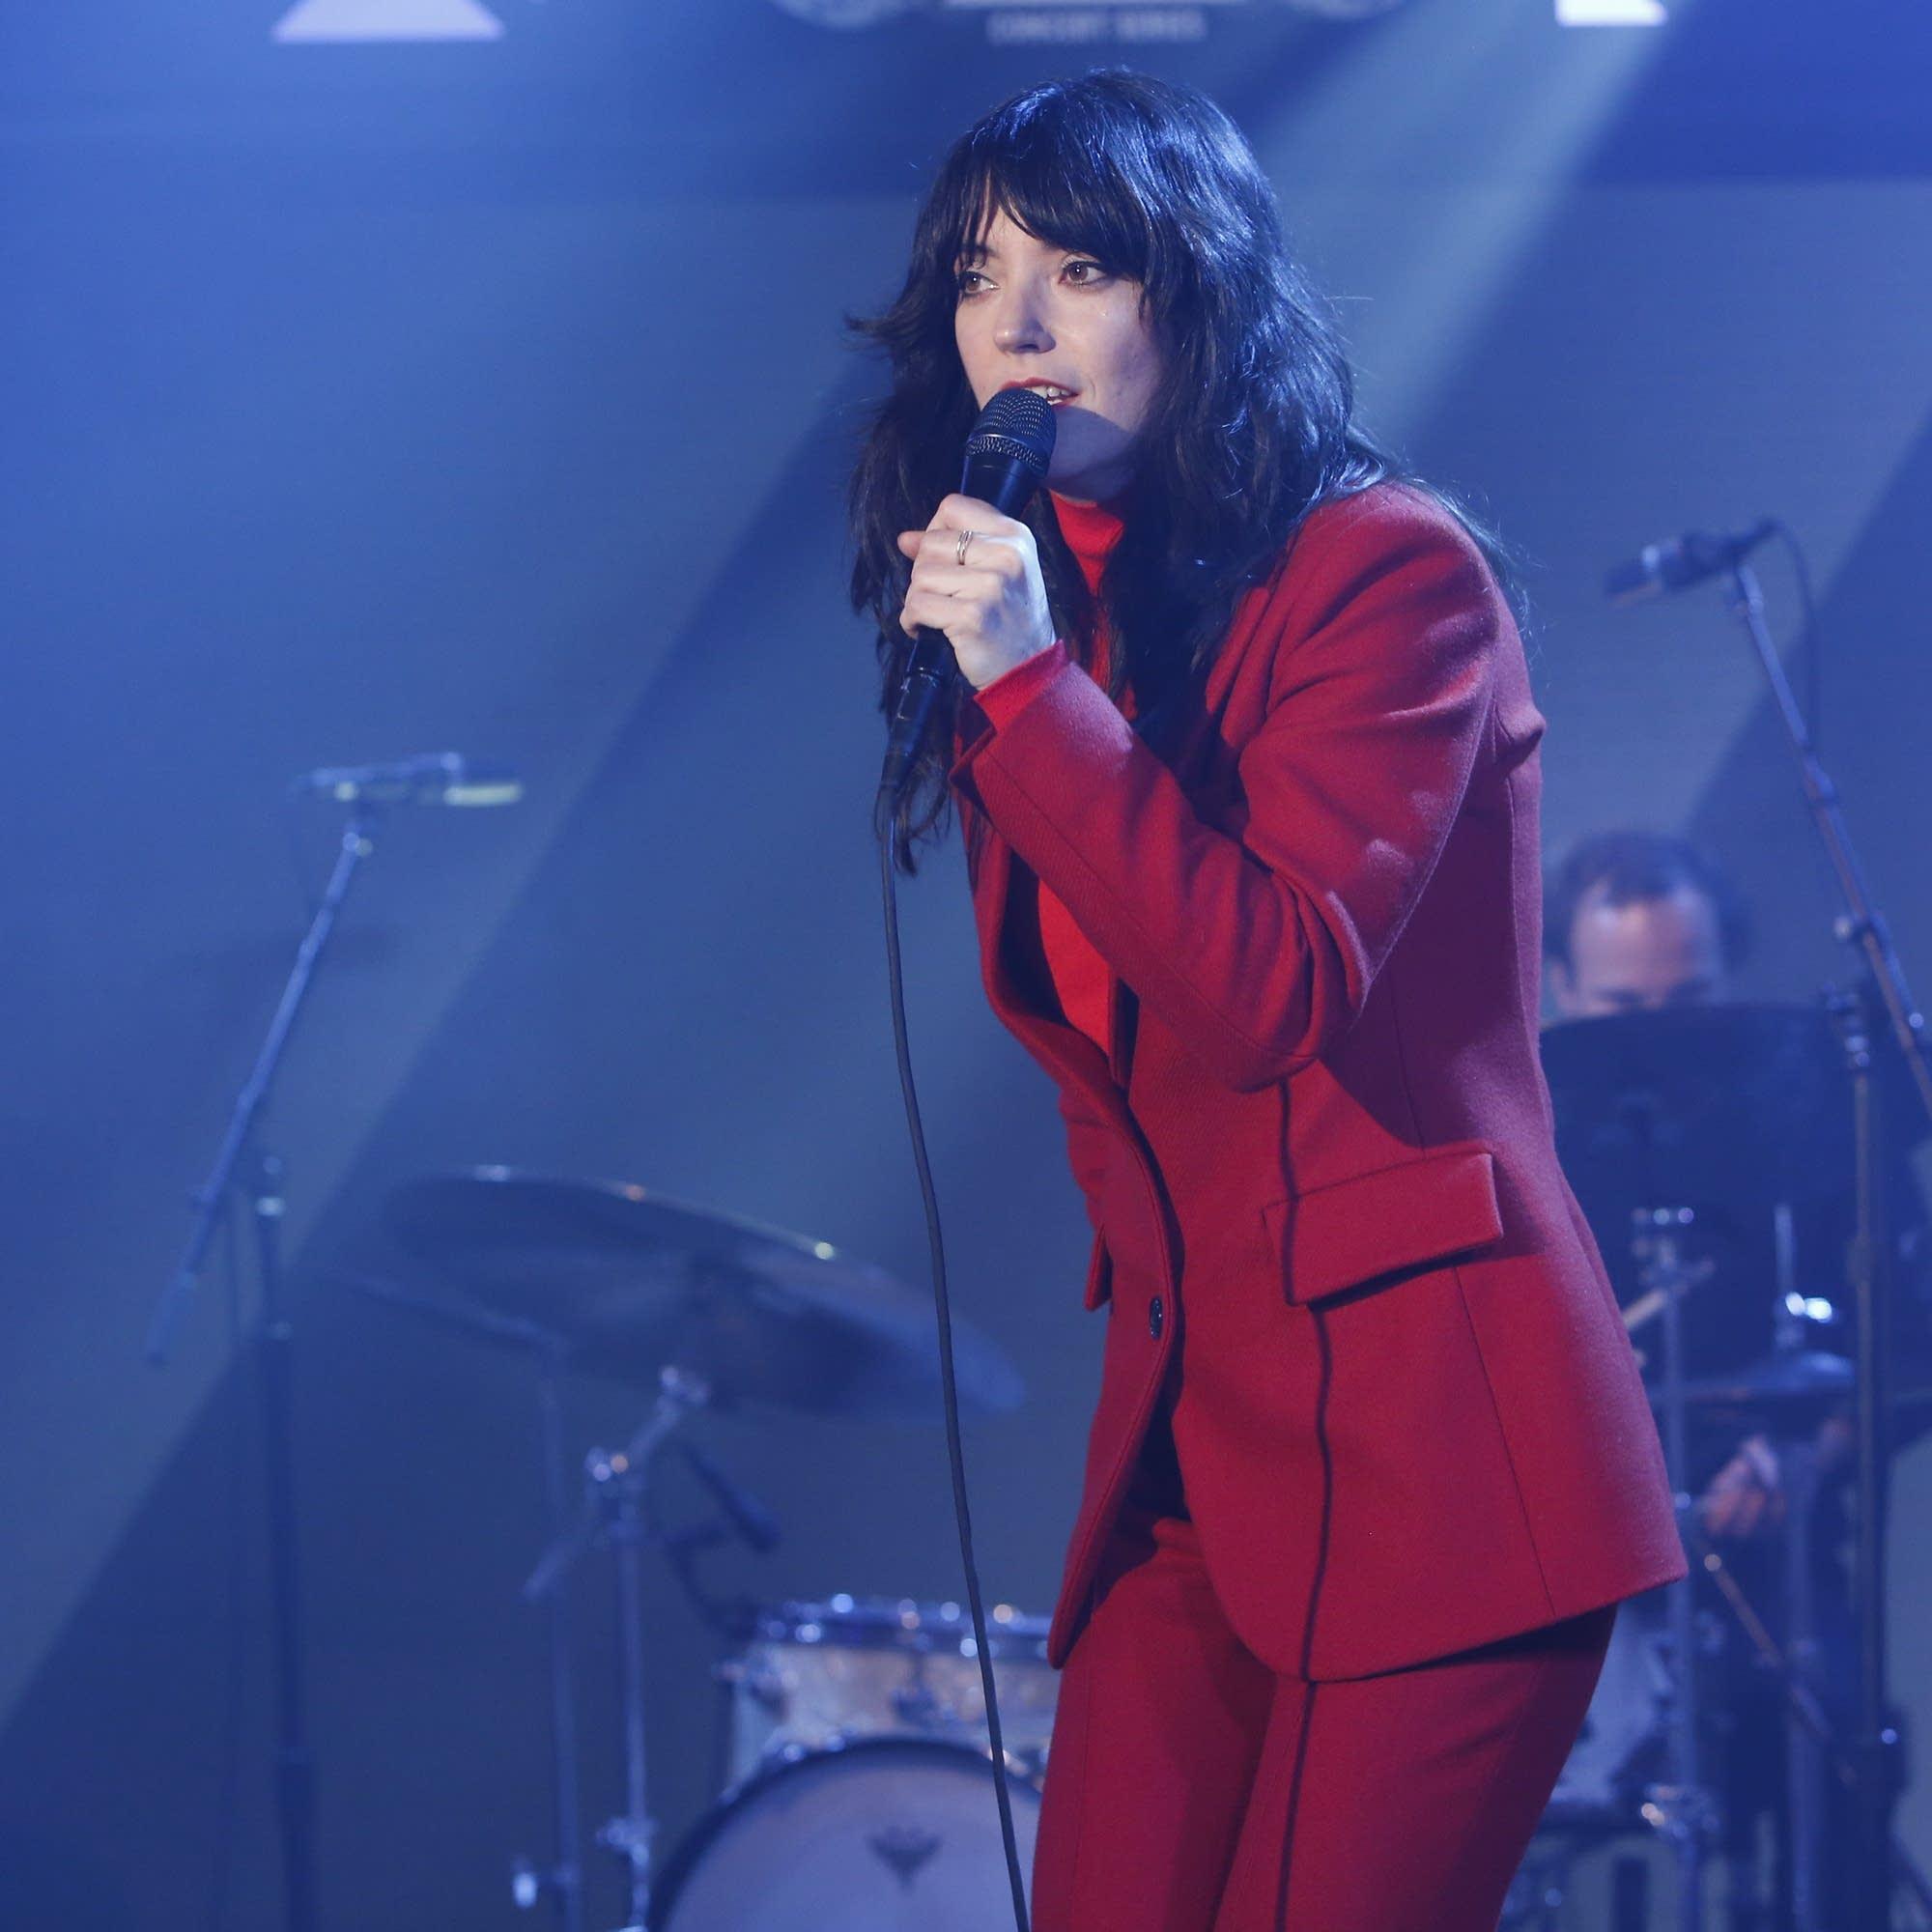 Sharon Van Etten performs on 'Jimmy Kimmel Live!' on ABC